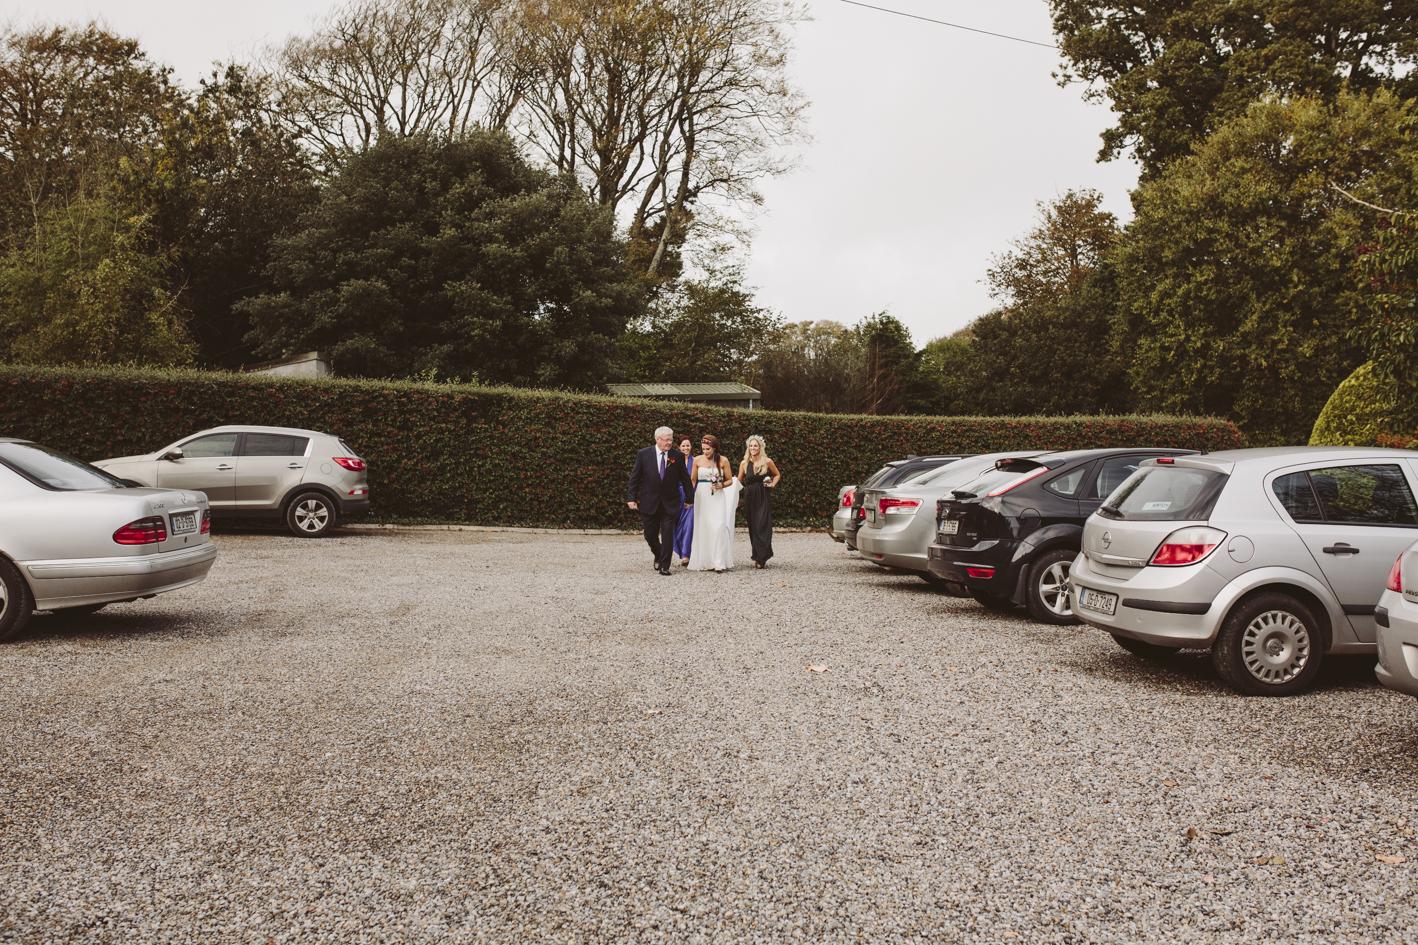 Wedding photographer Ireland Graciela Vilagudin 809.jpg